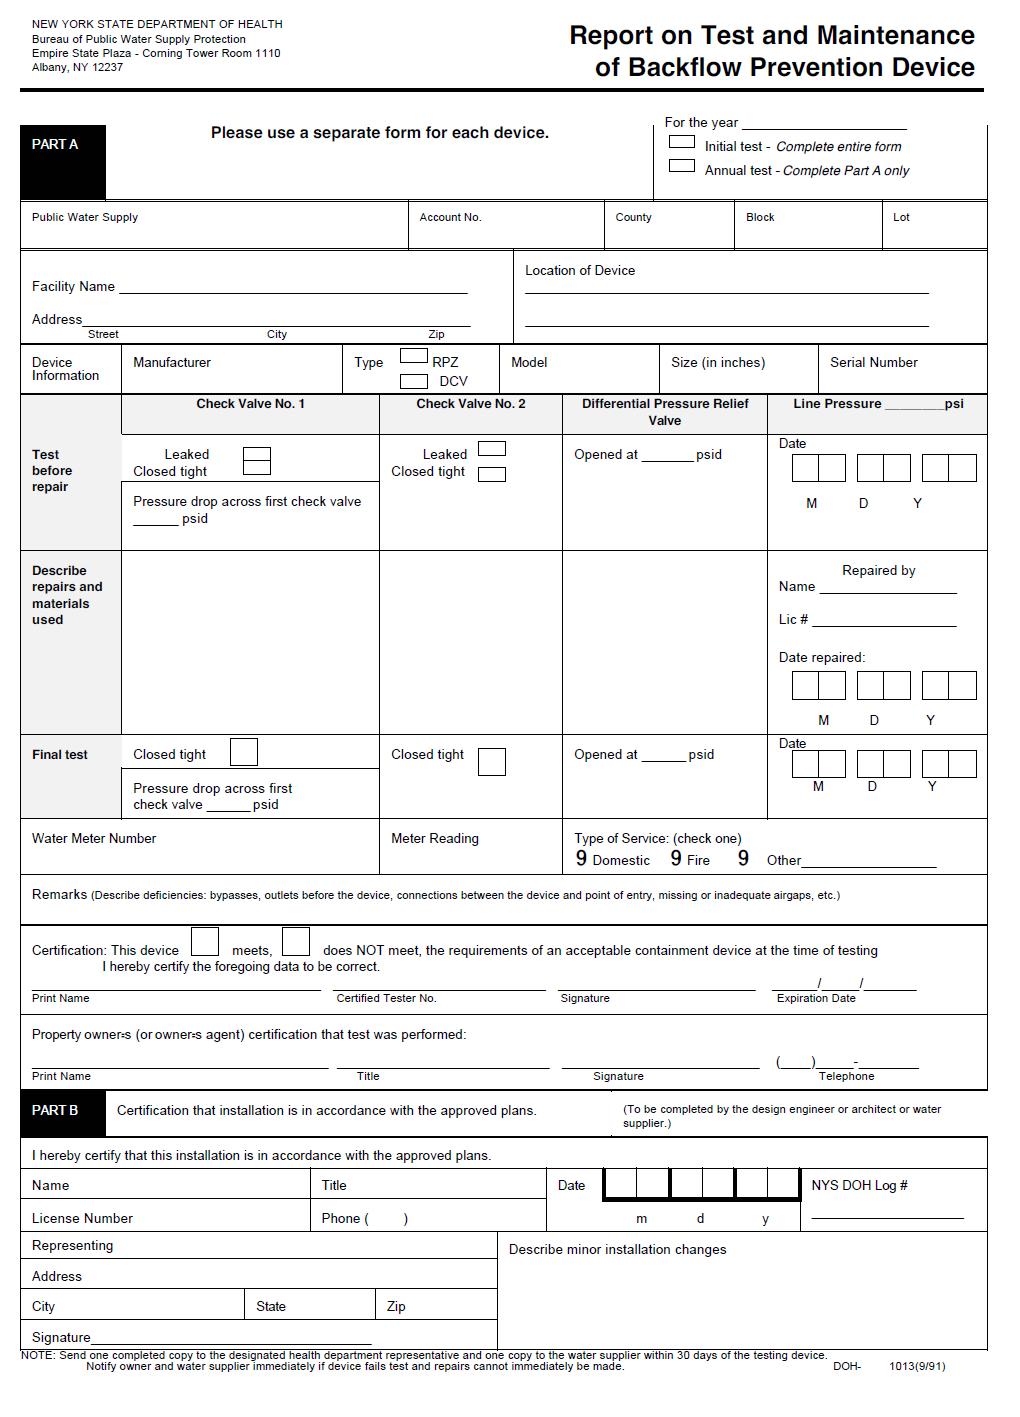 I 9 Form Online Fill 2019 I9 Form Printable